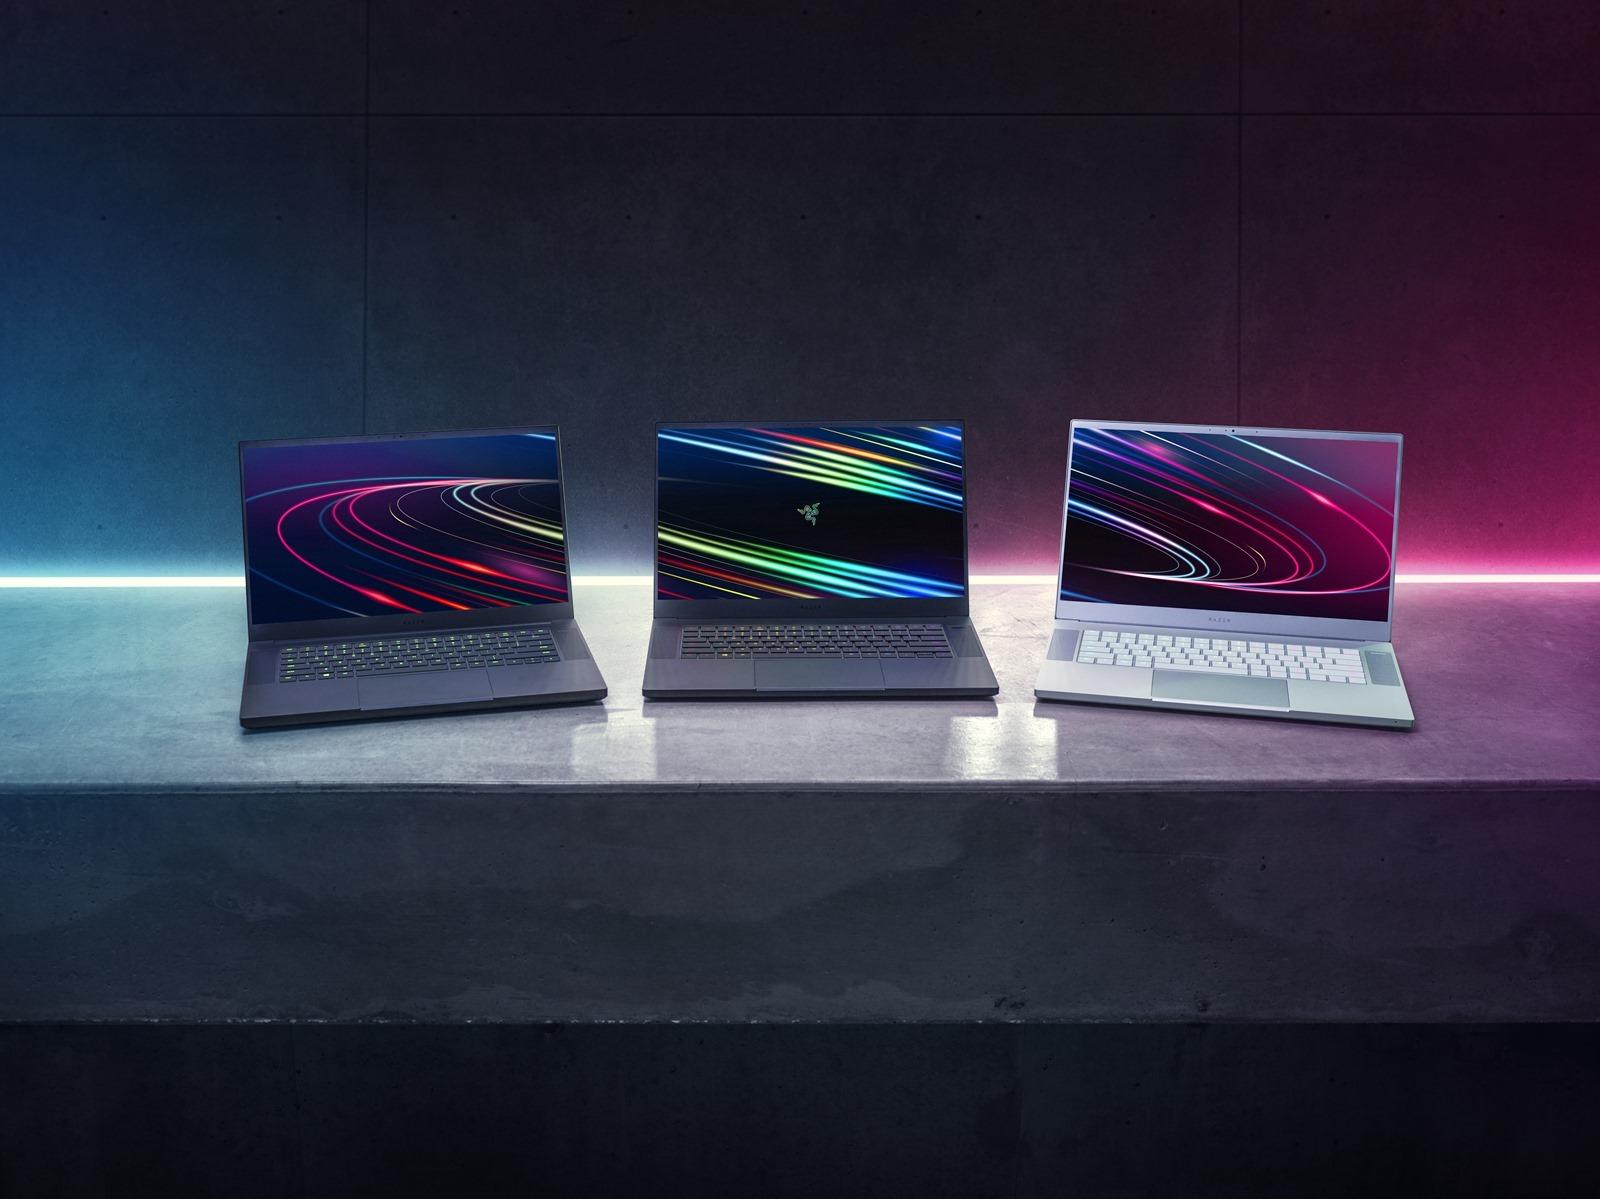 全新RAZER BLADE系列電競筆電!為追求極致的玩家而創造